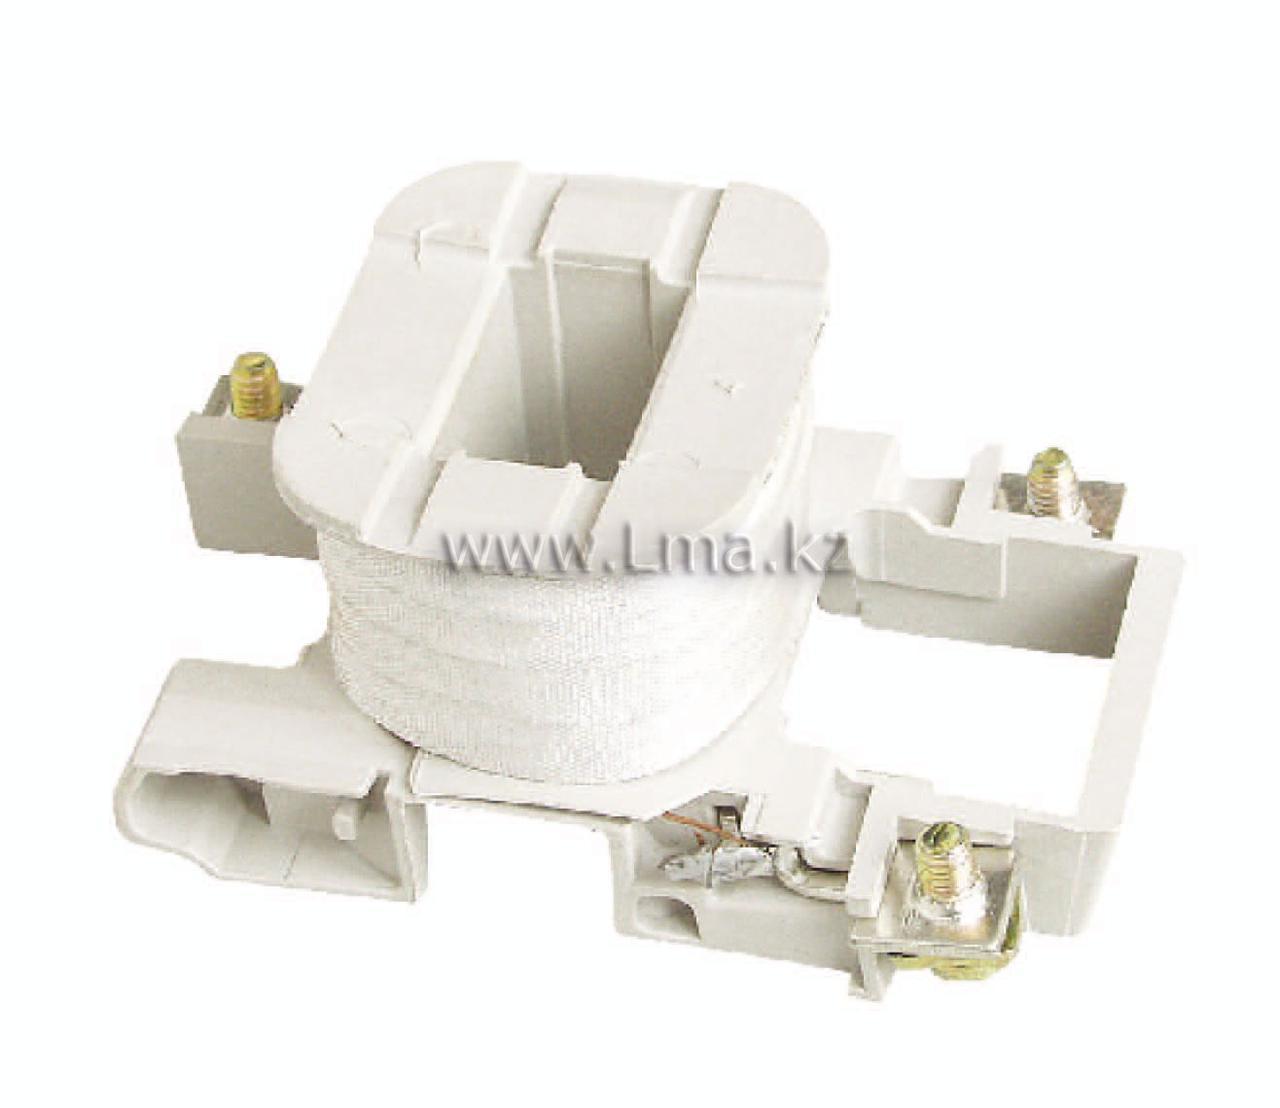 Катушка управления контактором электромагнитным TSX1-FG (КТК-185-225Л) AC 220V, 380V